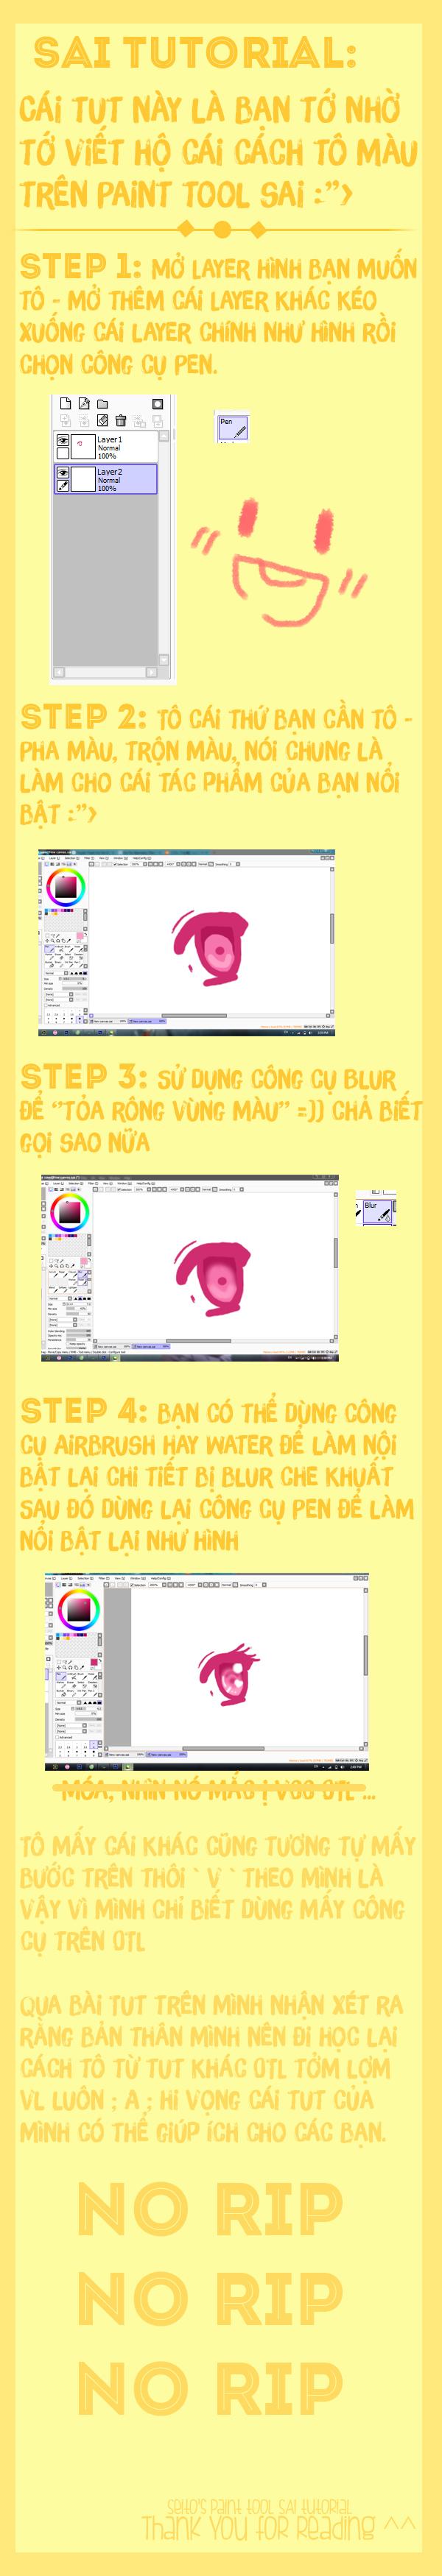 how to buy paint tool sai